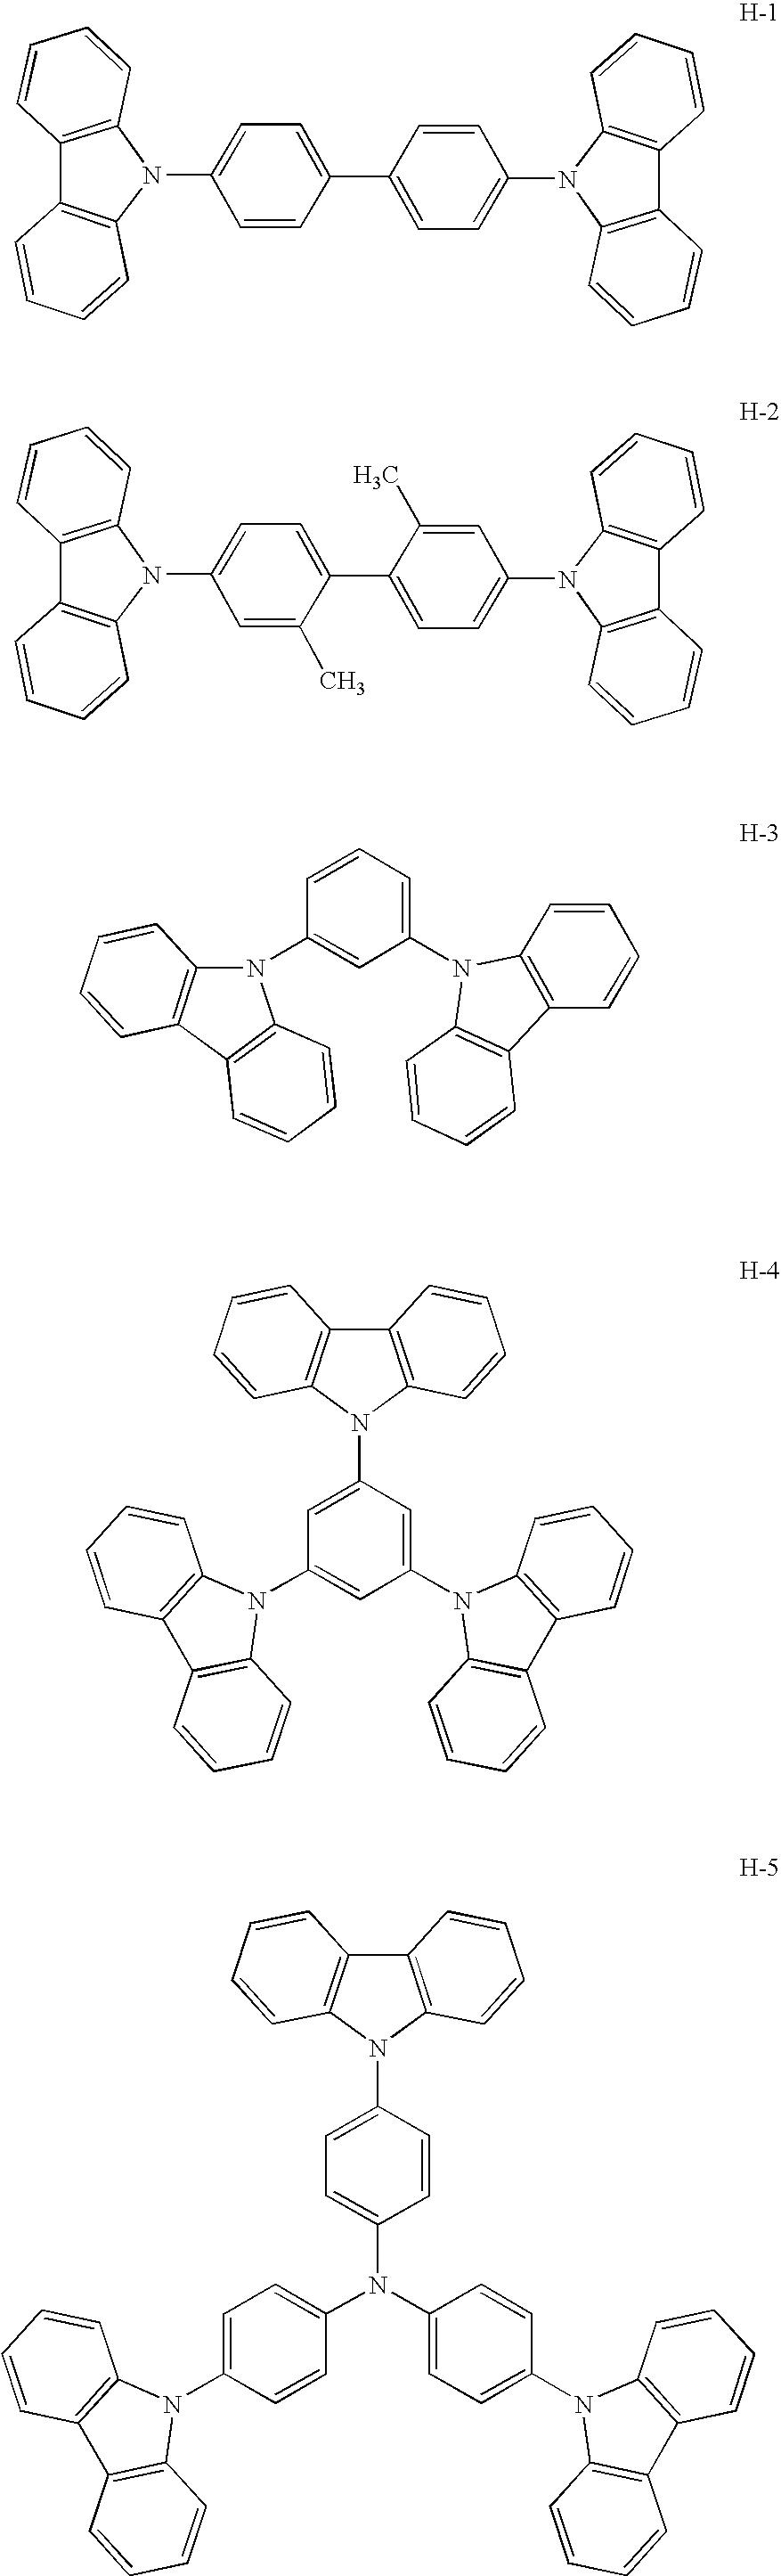 Figure US20060194076A1-20060831-C00005